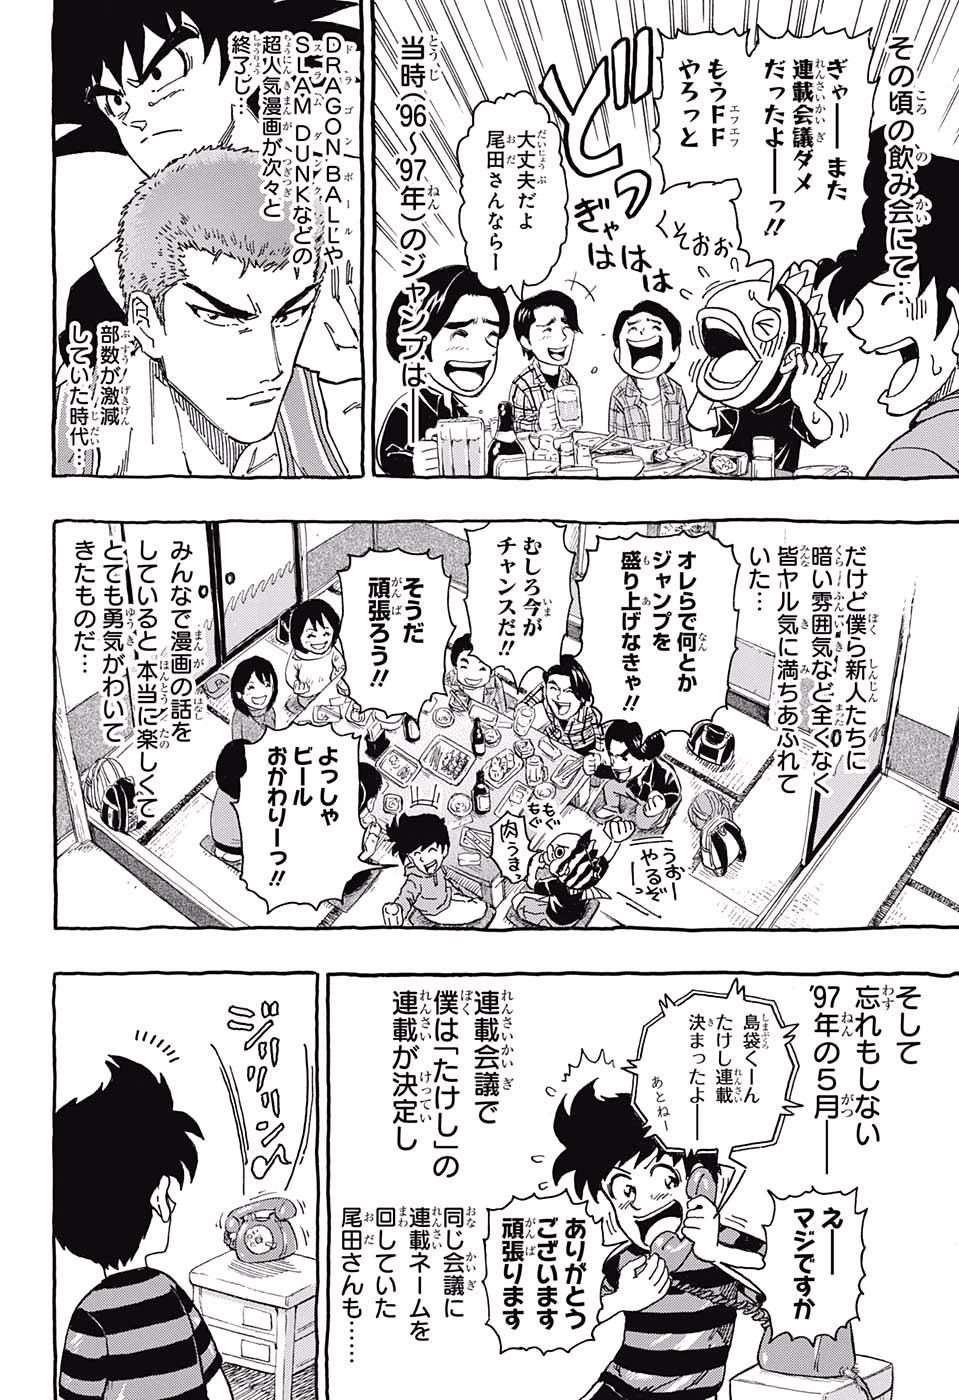 One Piece Manga 2017 V4tWqwBk